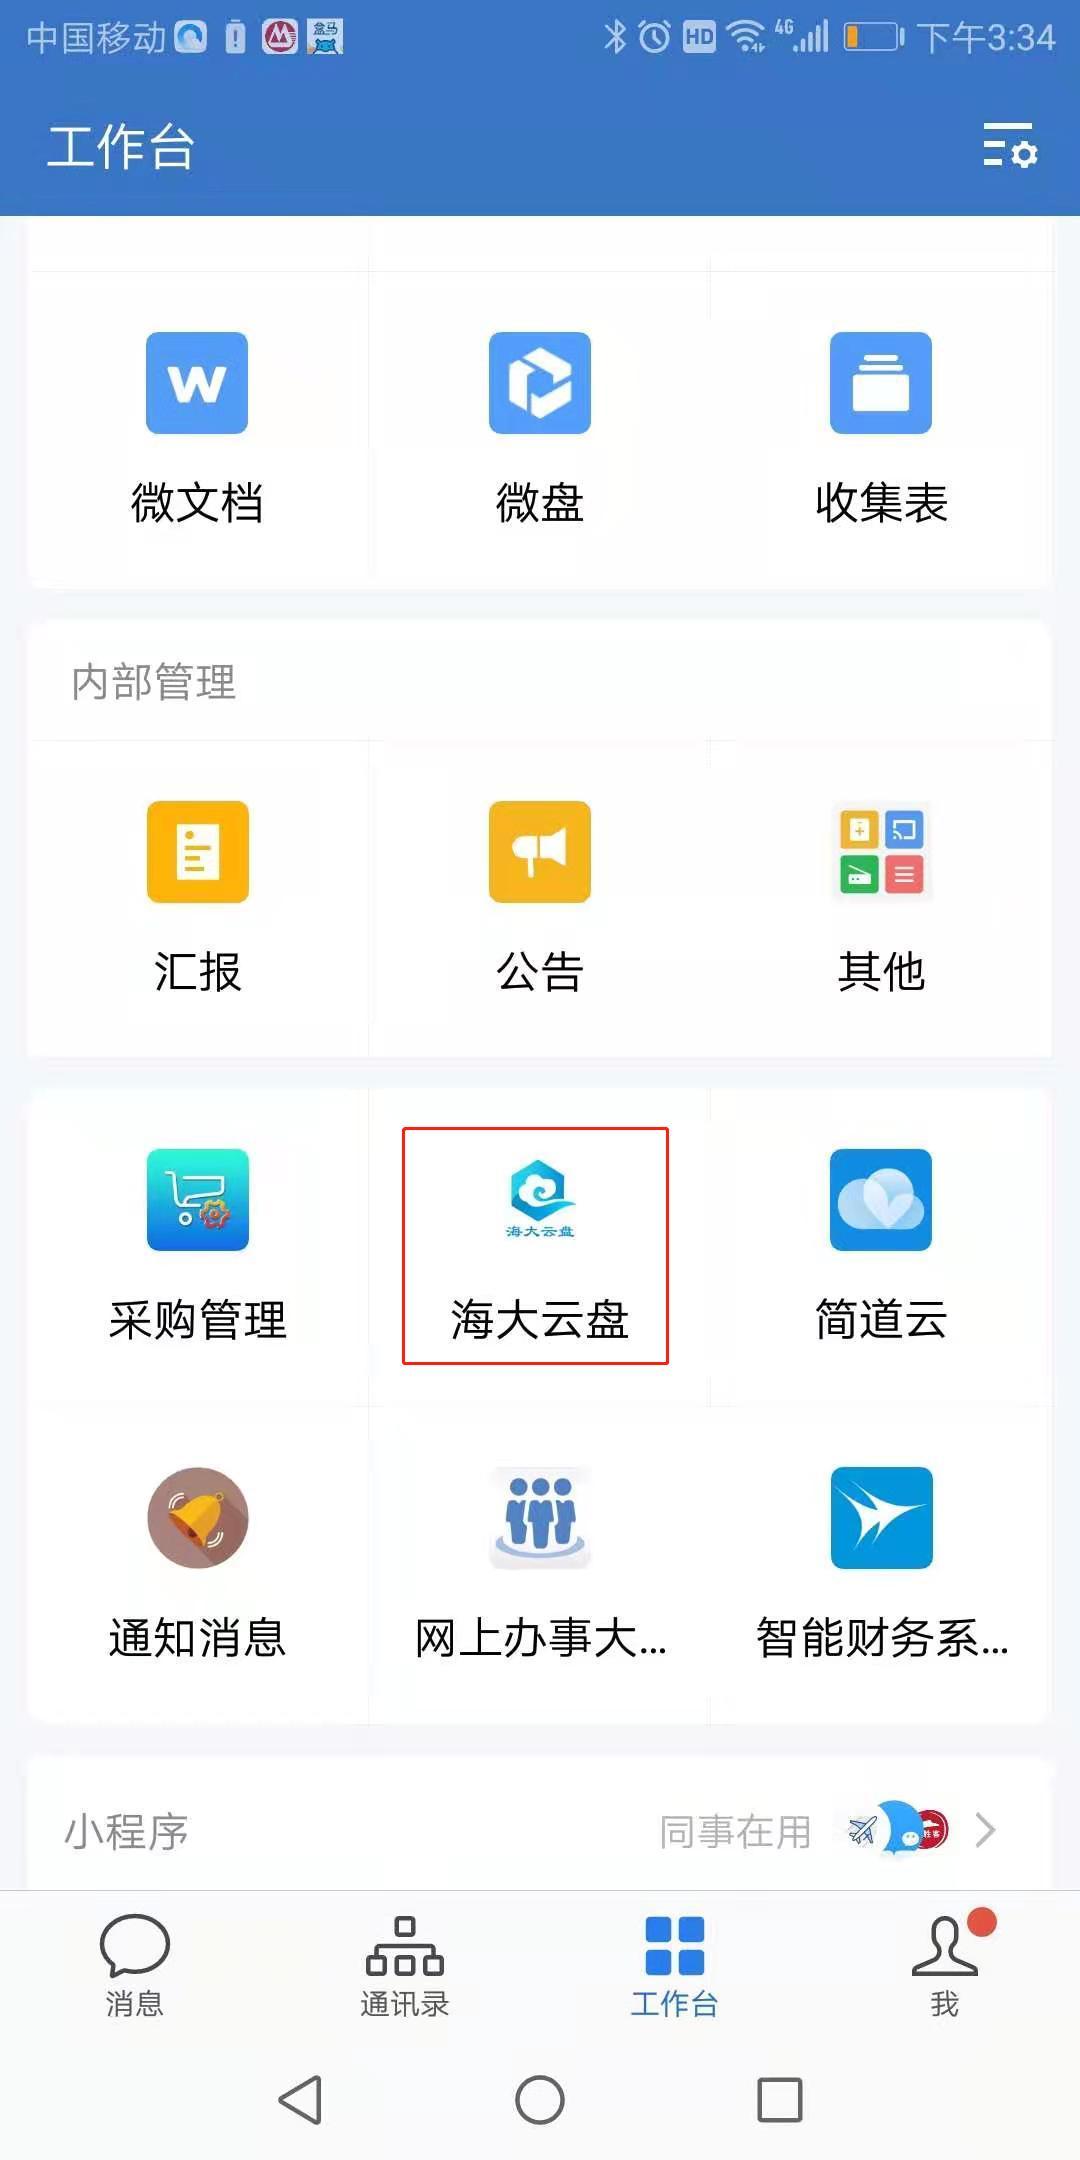 上海海洋大学云盘Ta来咯!-奇享网